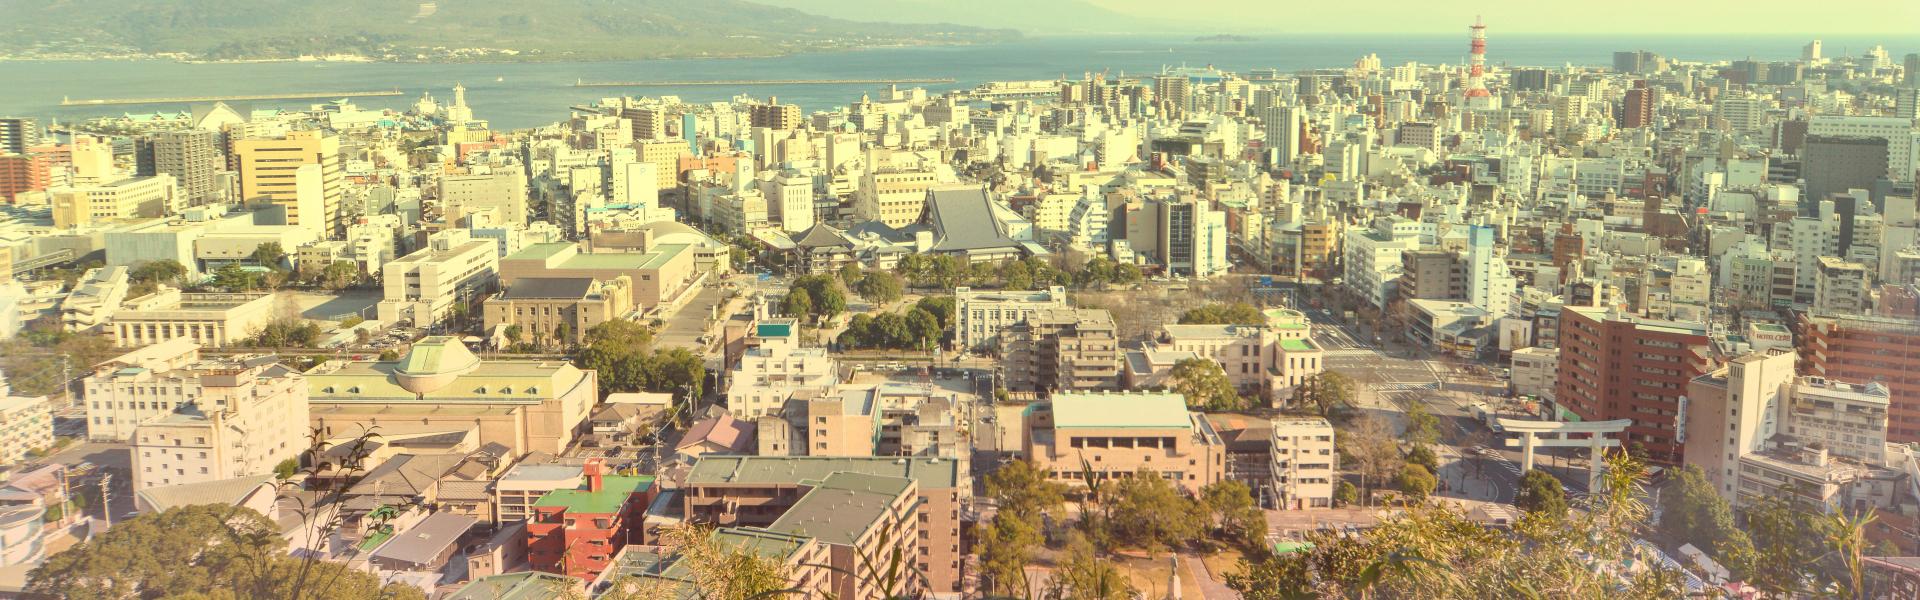 元気な日本と地域社会を取り戻すために